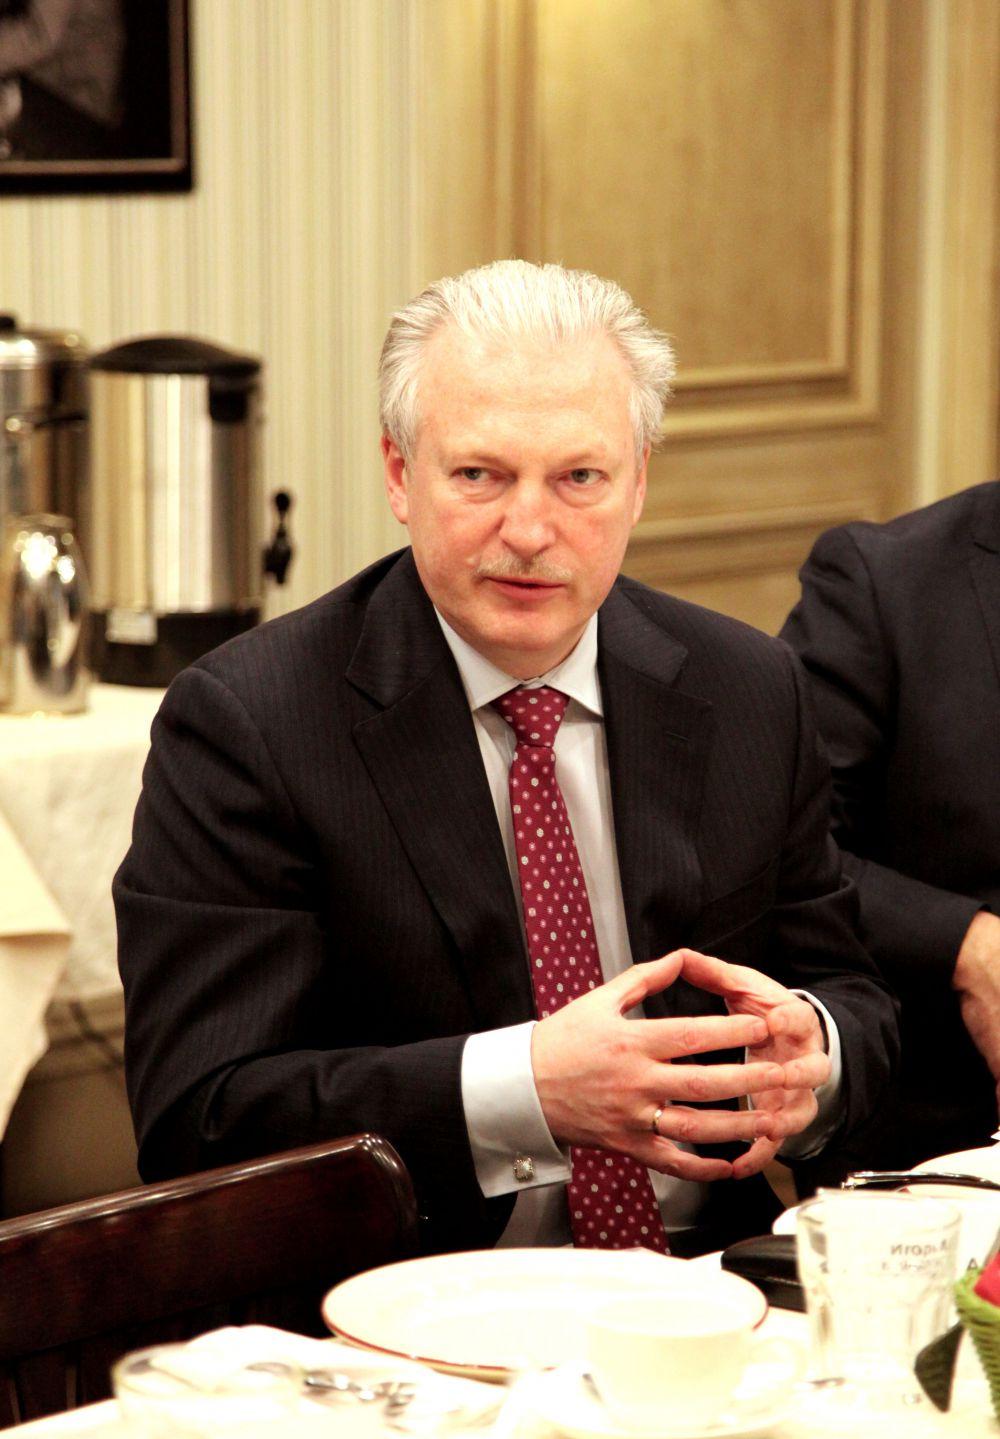 Игорь Анатольевич Максимцев, Ректор (СПбГУЭФ), д.э.н., профессор